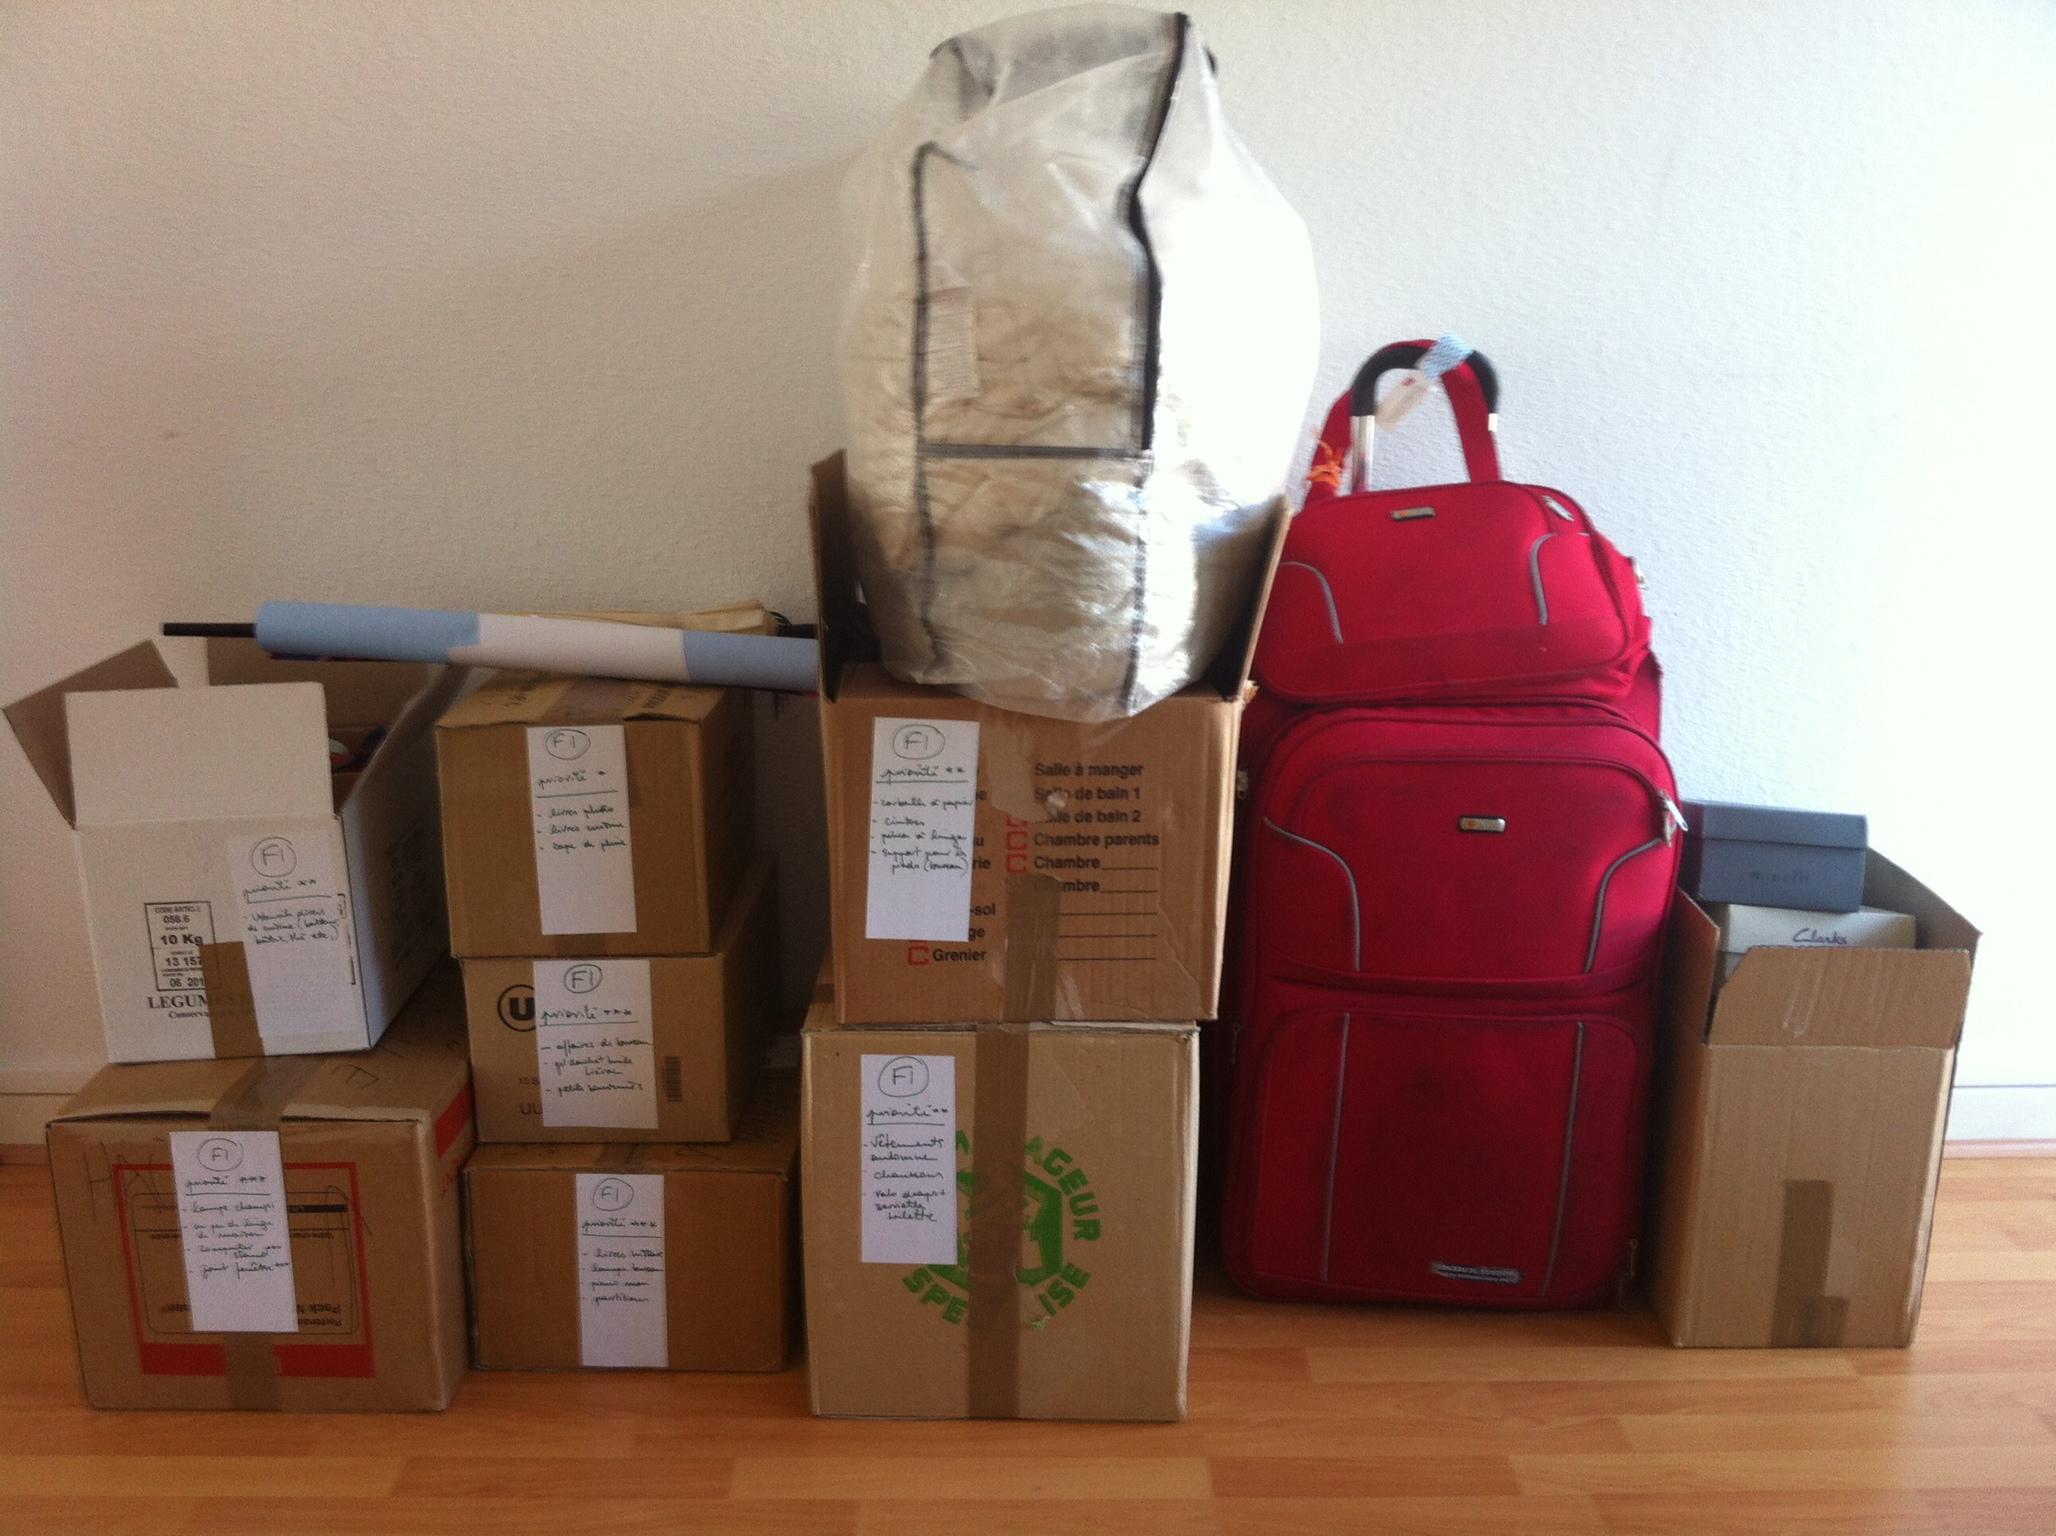 Être plus léger pour faire le pas de côté : mettre sa vie dans huit cartons et une valise